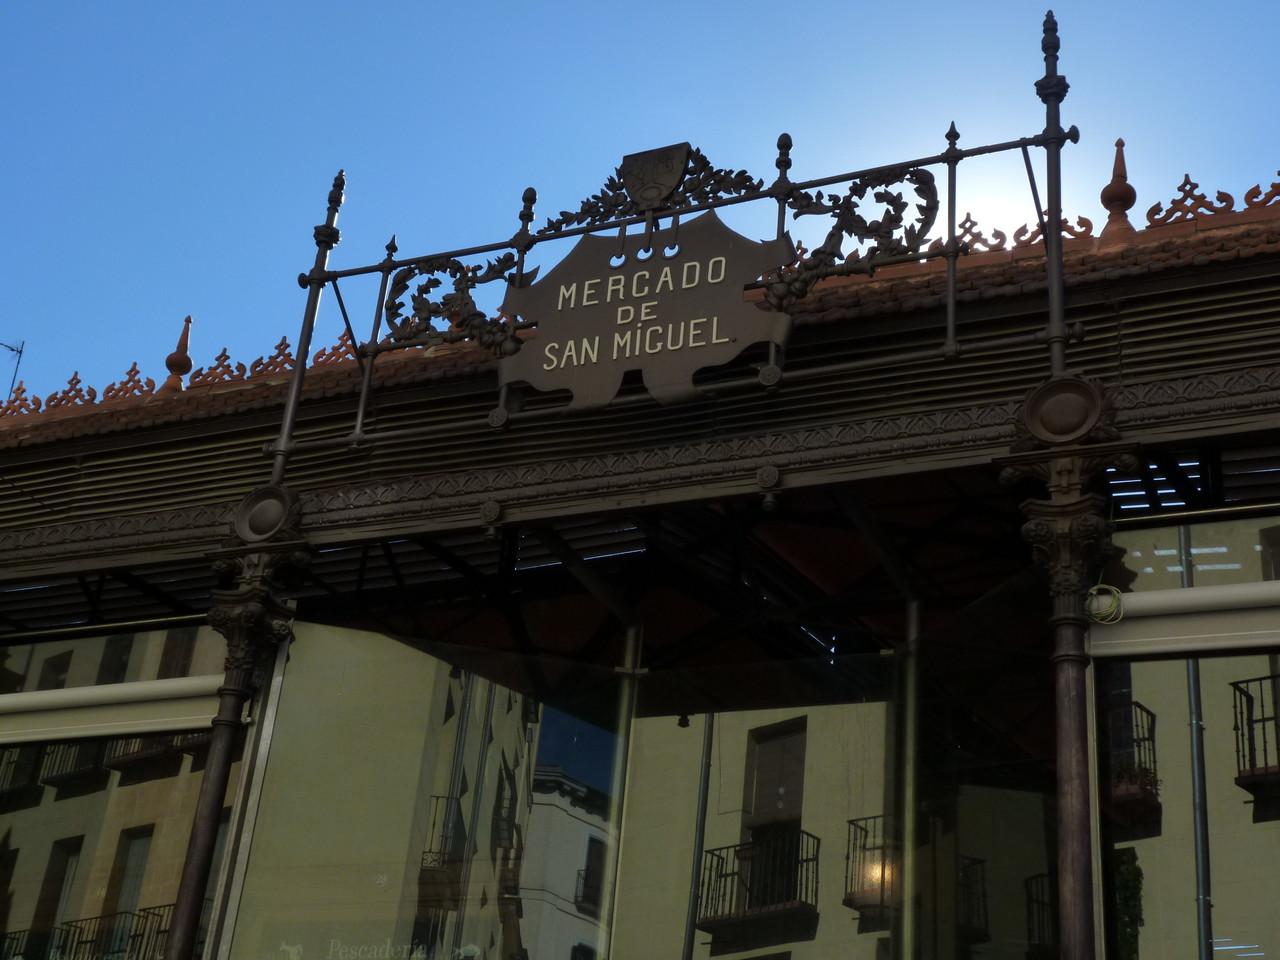 Romântica Madrid-Mercado de San Miguel (1).JPG